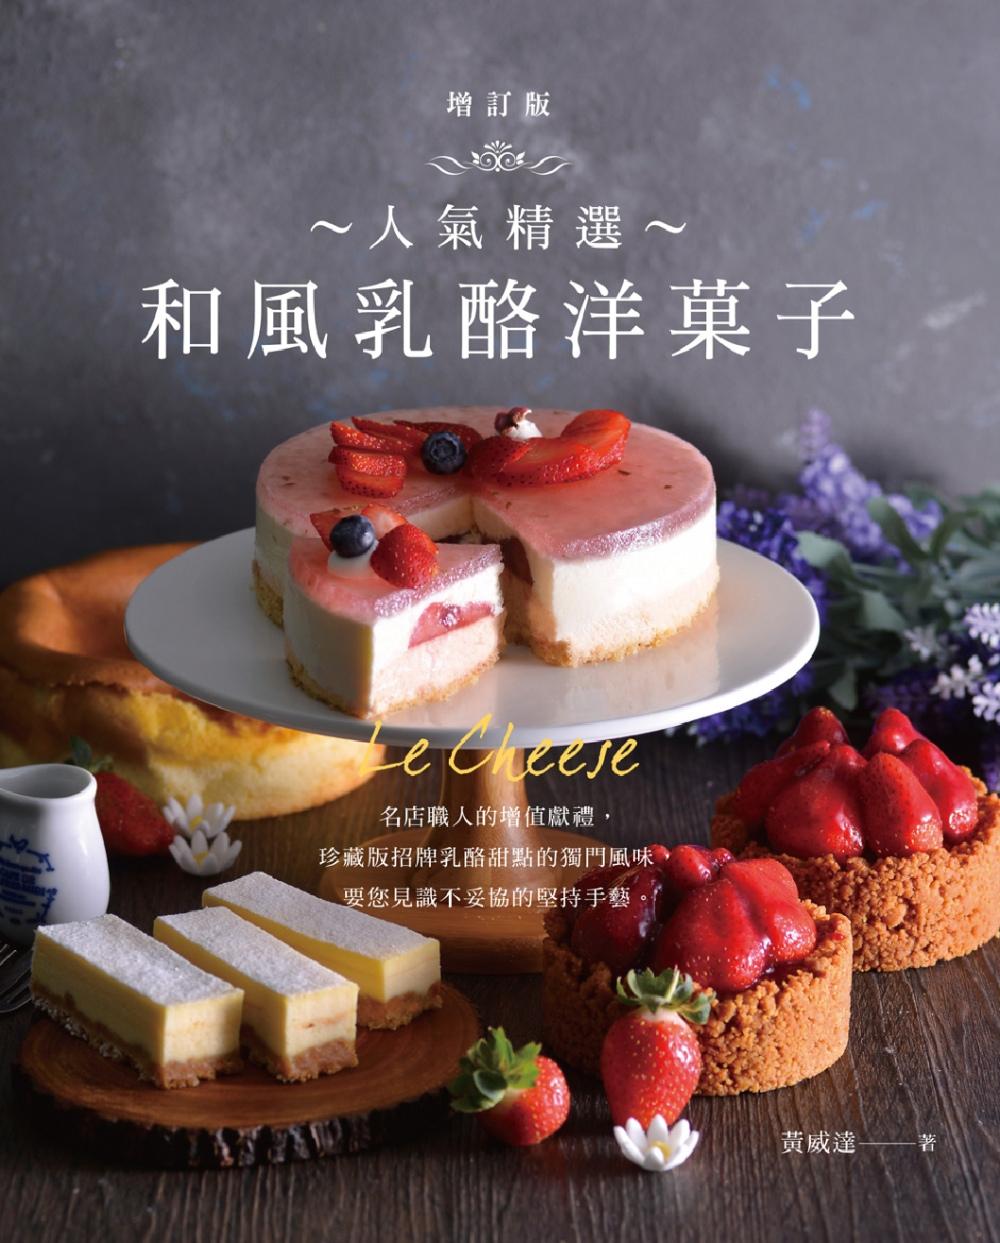 人氣精選和風乳酪洋菓子(增訂版)